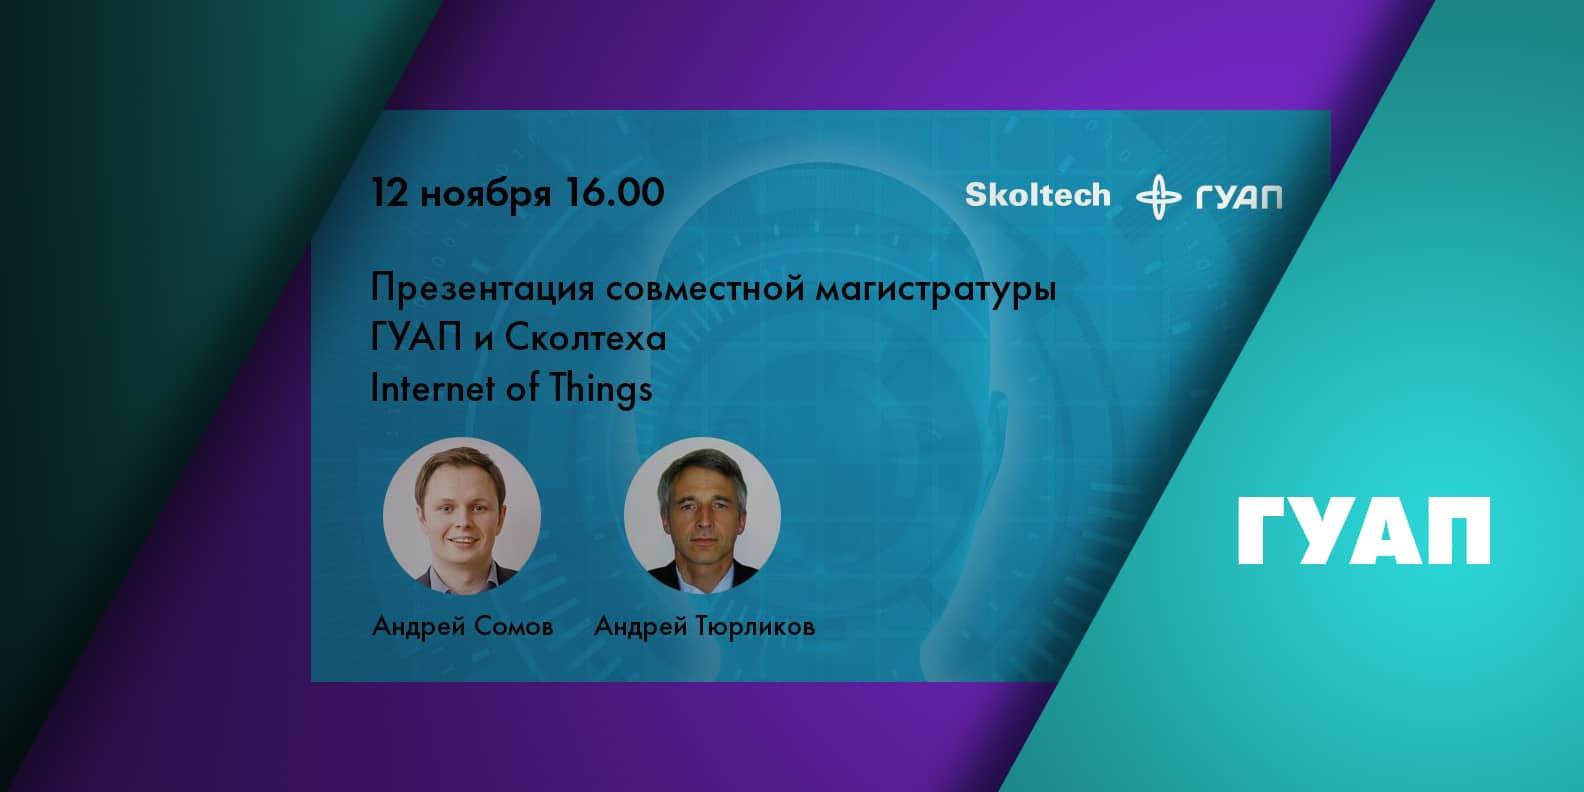 ГУАП и Сколтех 12 ноября 2020 презентовали совместную программу магистратуры Internet of Things и объявили о начале нового набора студентов.  На мероприятие были приглашены студенты, планирующие в 2021 году поступление в…